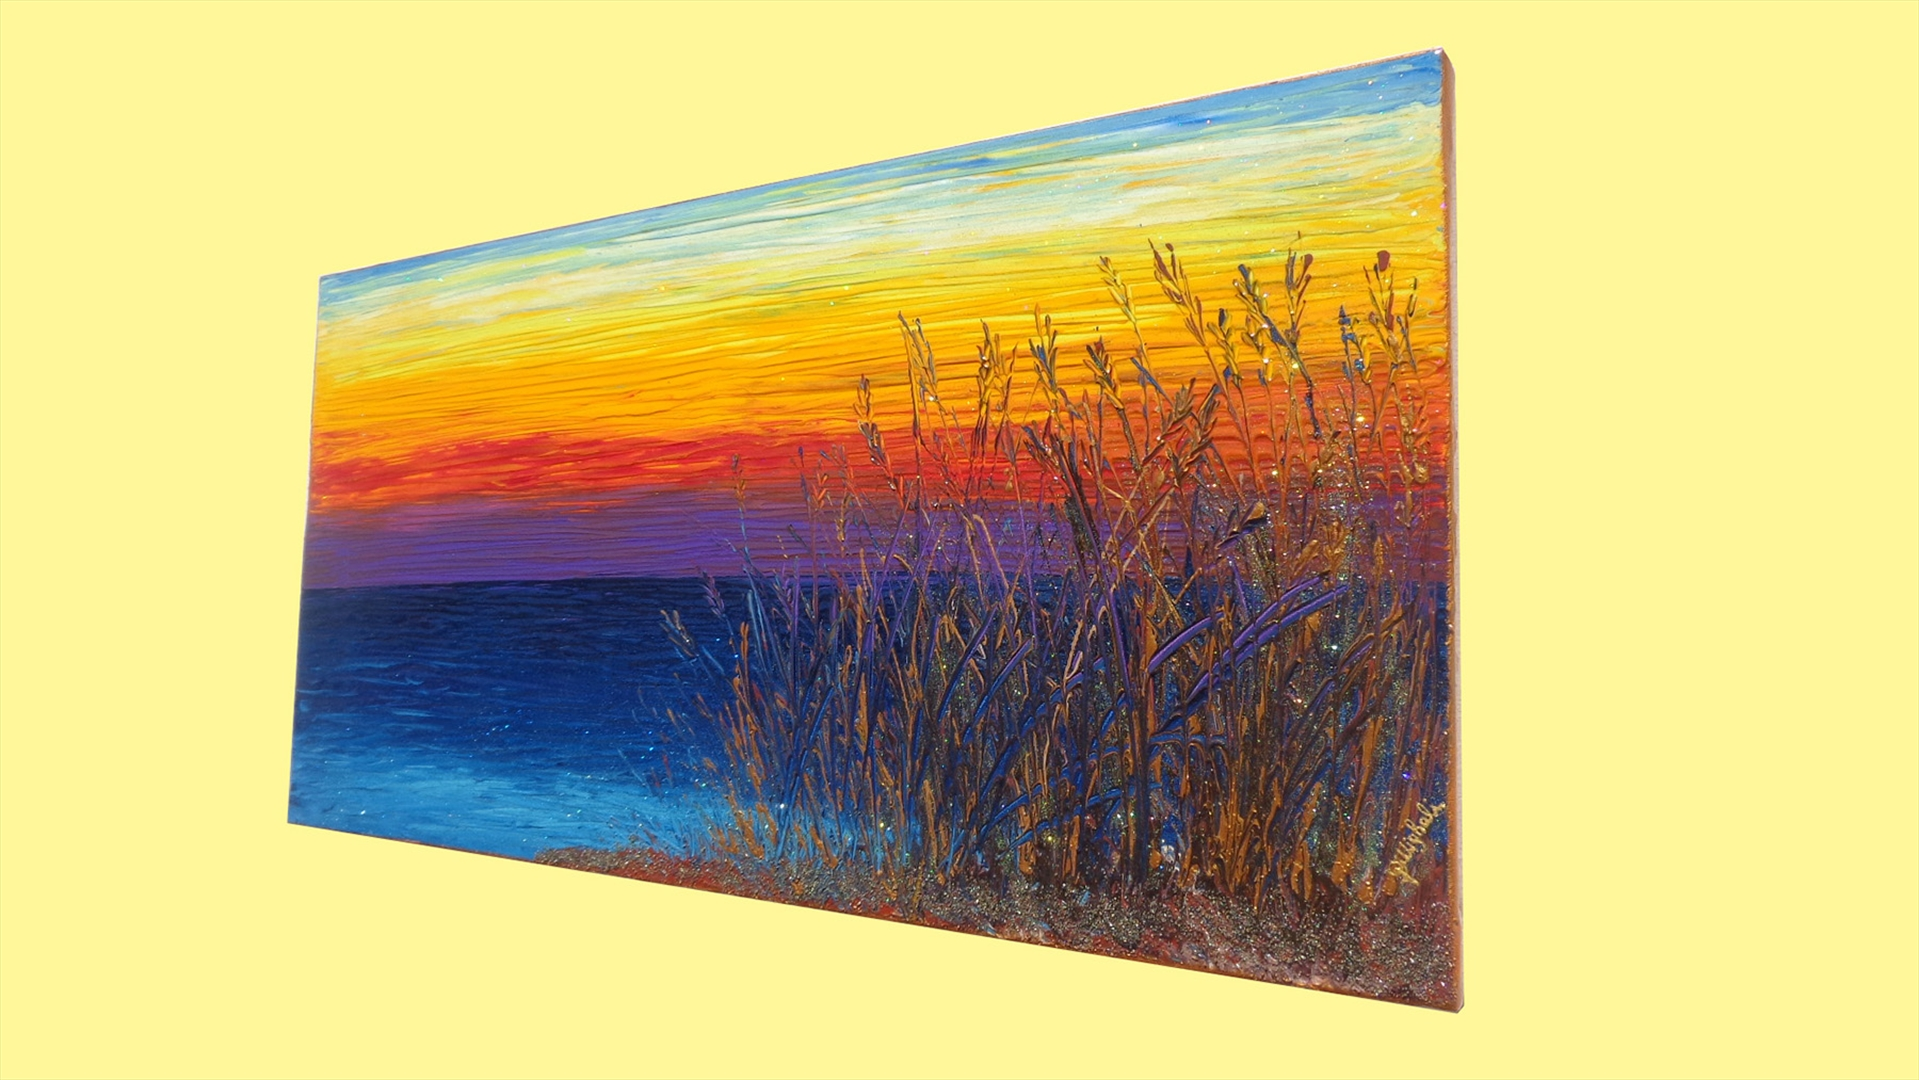 Tramonto sul mare vendita quadri online quadri moderni for Quadri moderni astratti dipinti a mano